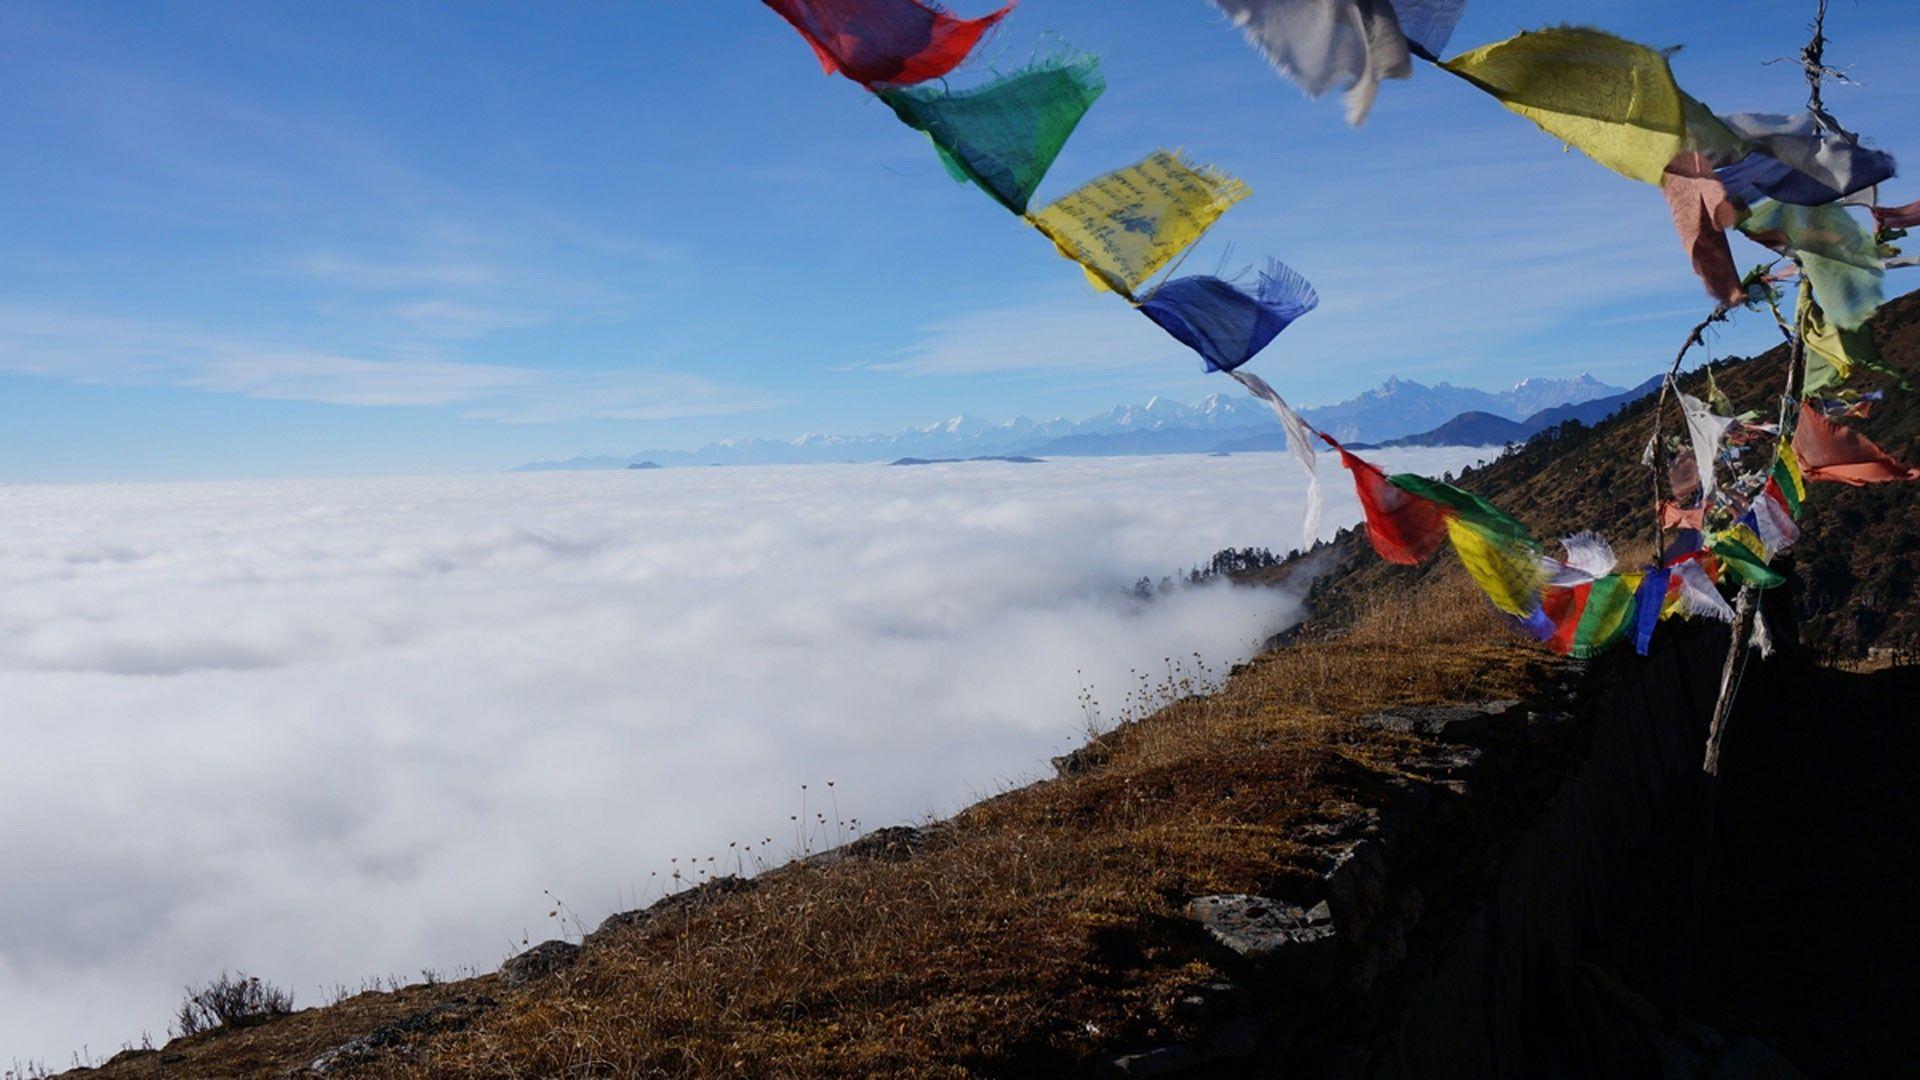 Trek to Pikey peak